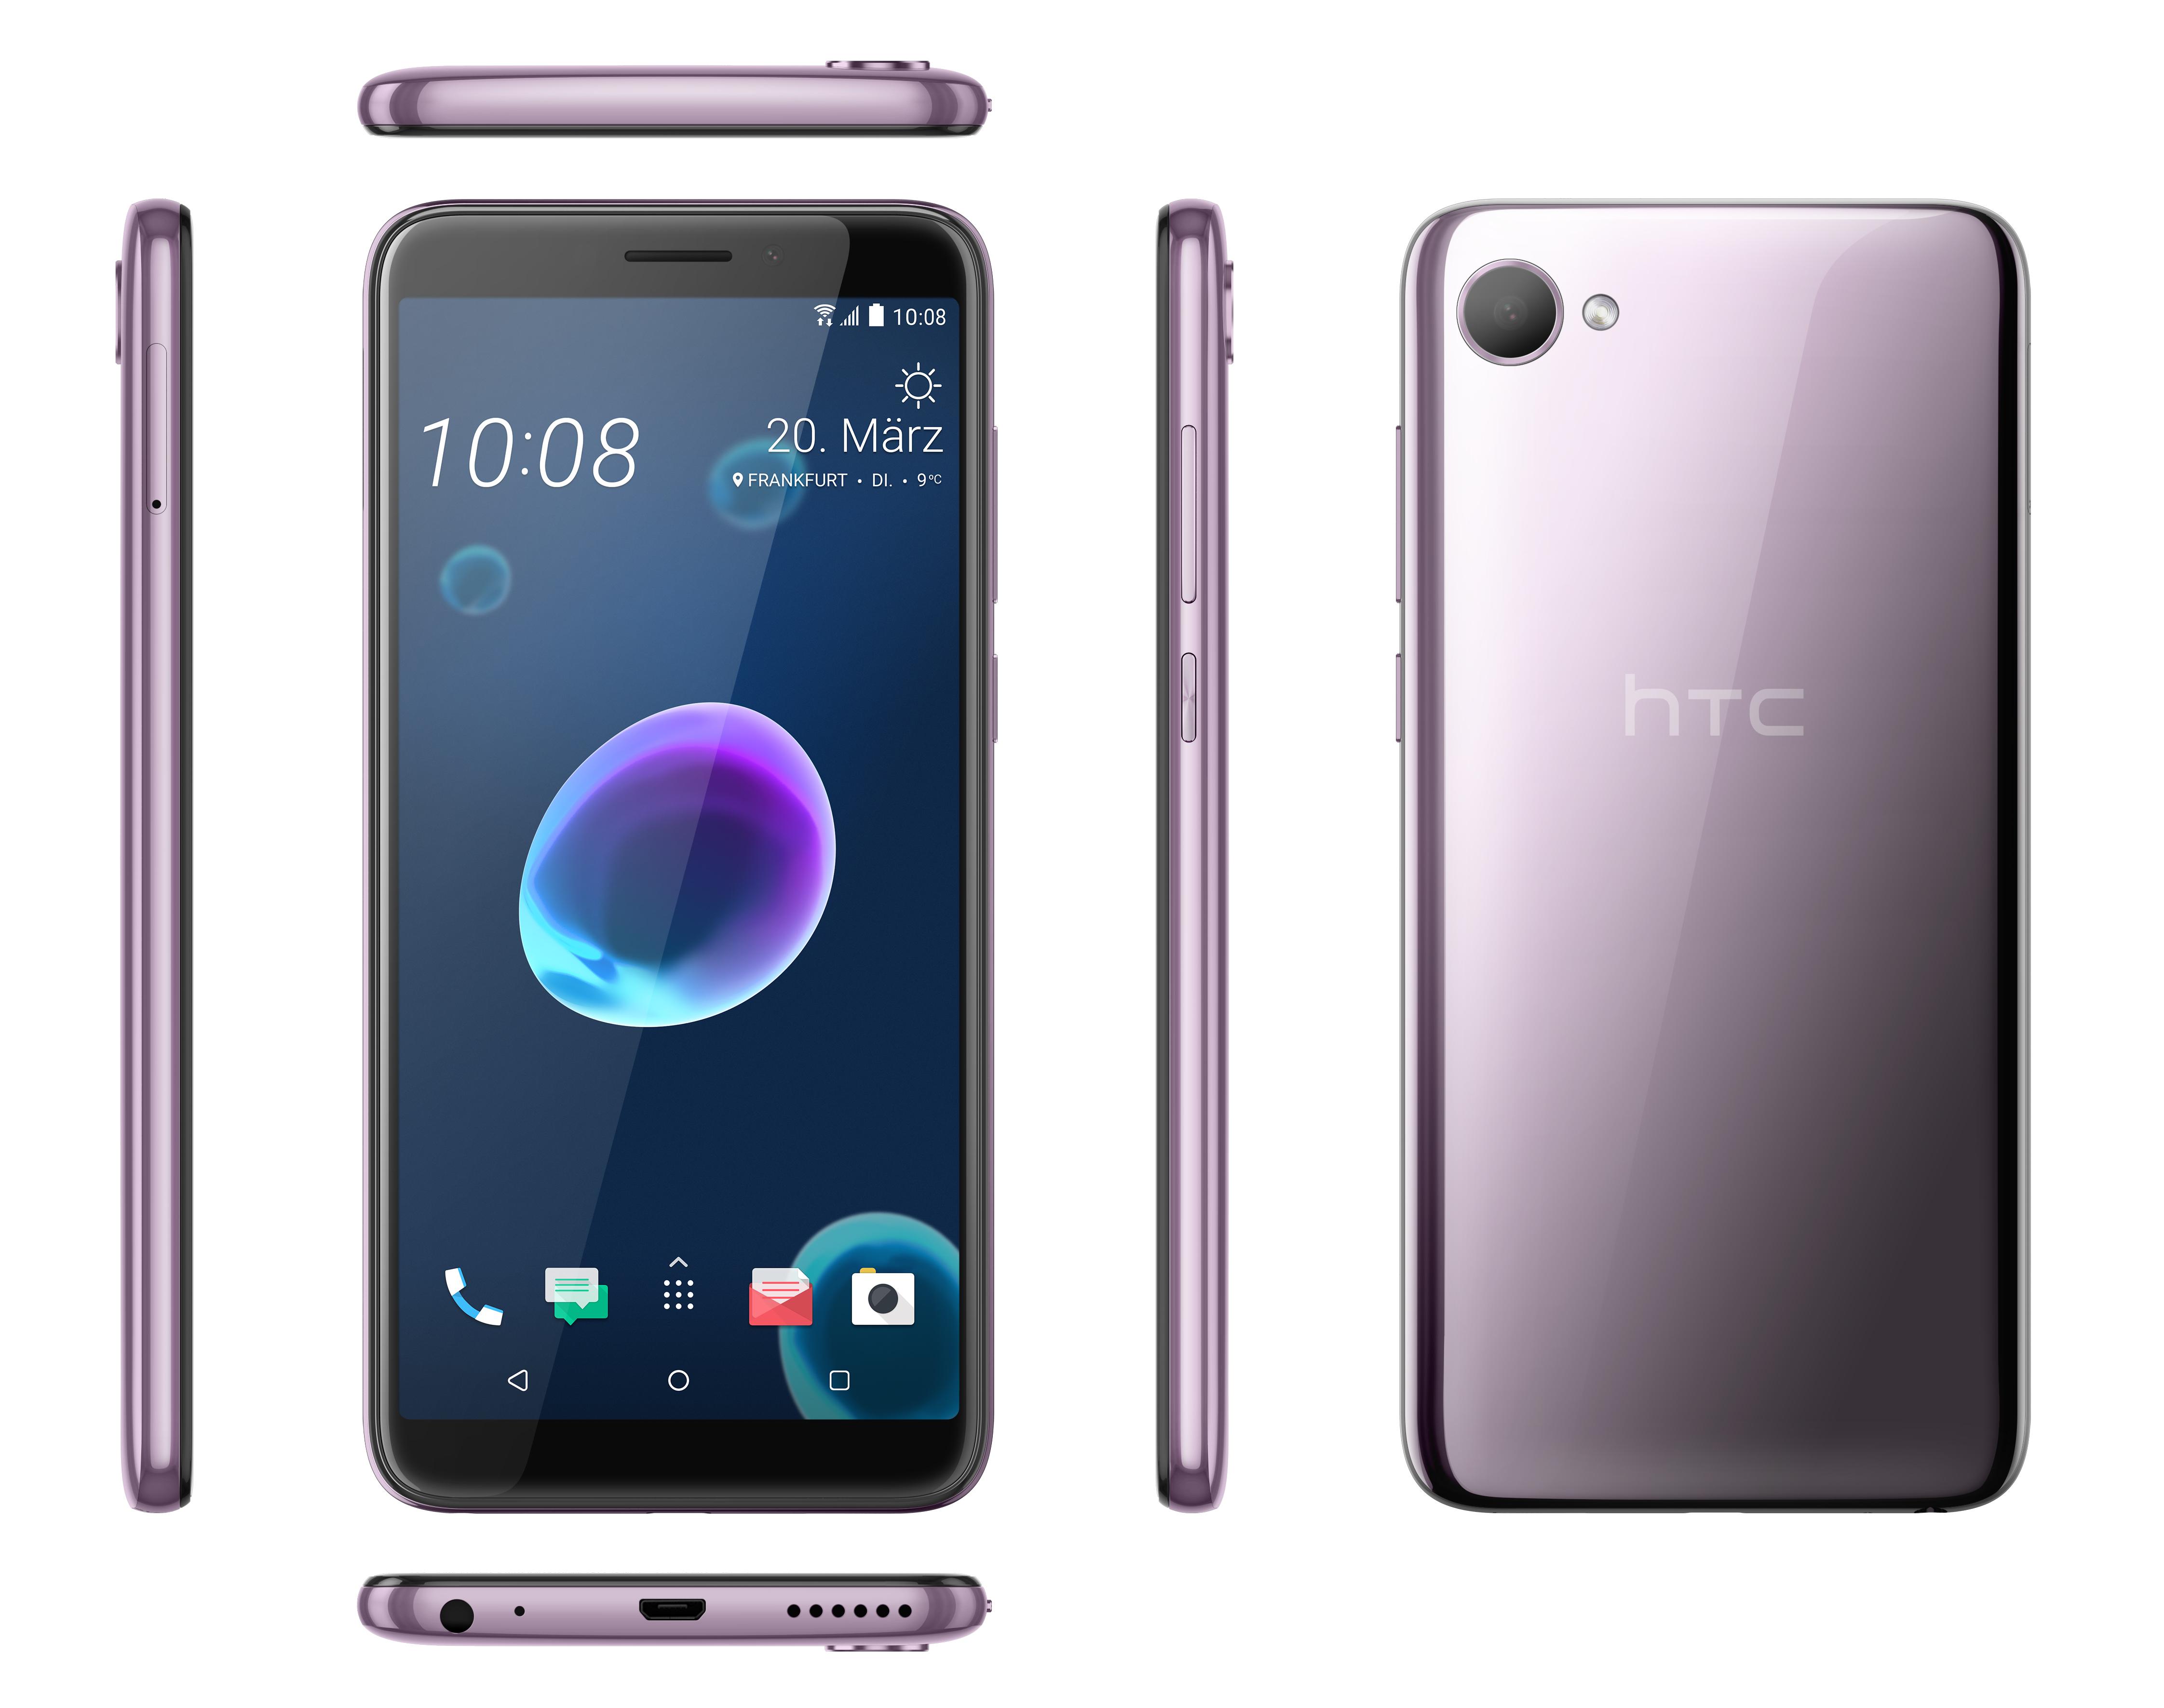 612c8ac77d505 Leider hat das HTC Desire 12 keinen Fingerabdruck-Scanner. full resolution